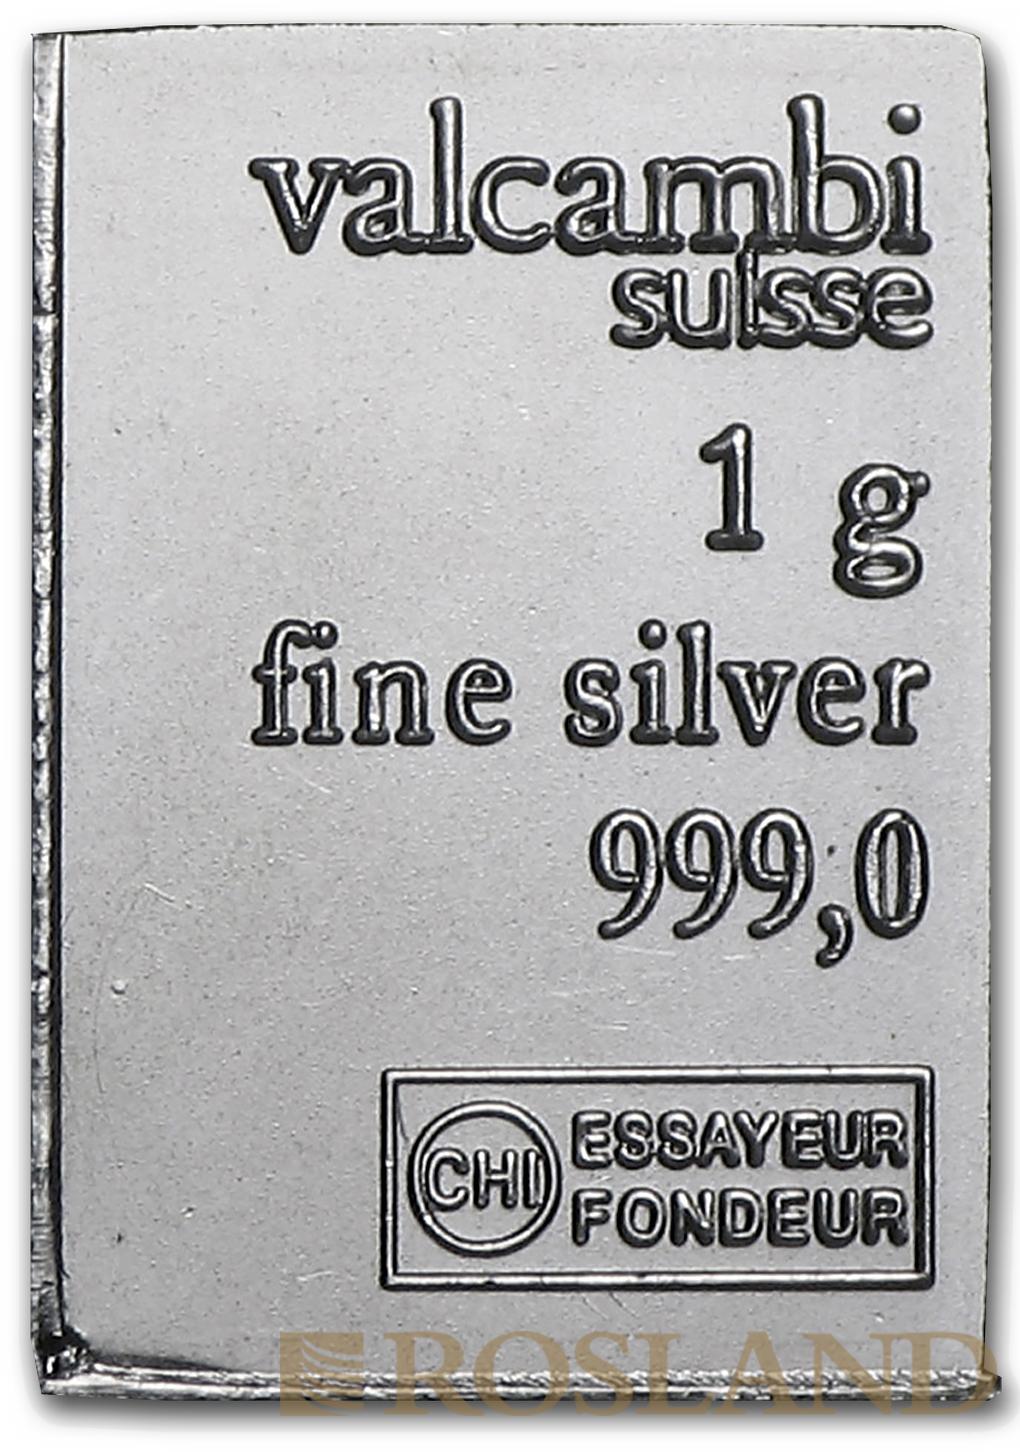 1 Gramm Silberbarren Valcambi